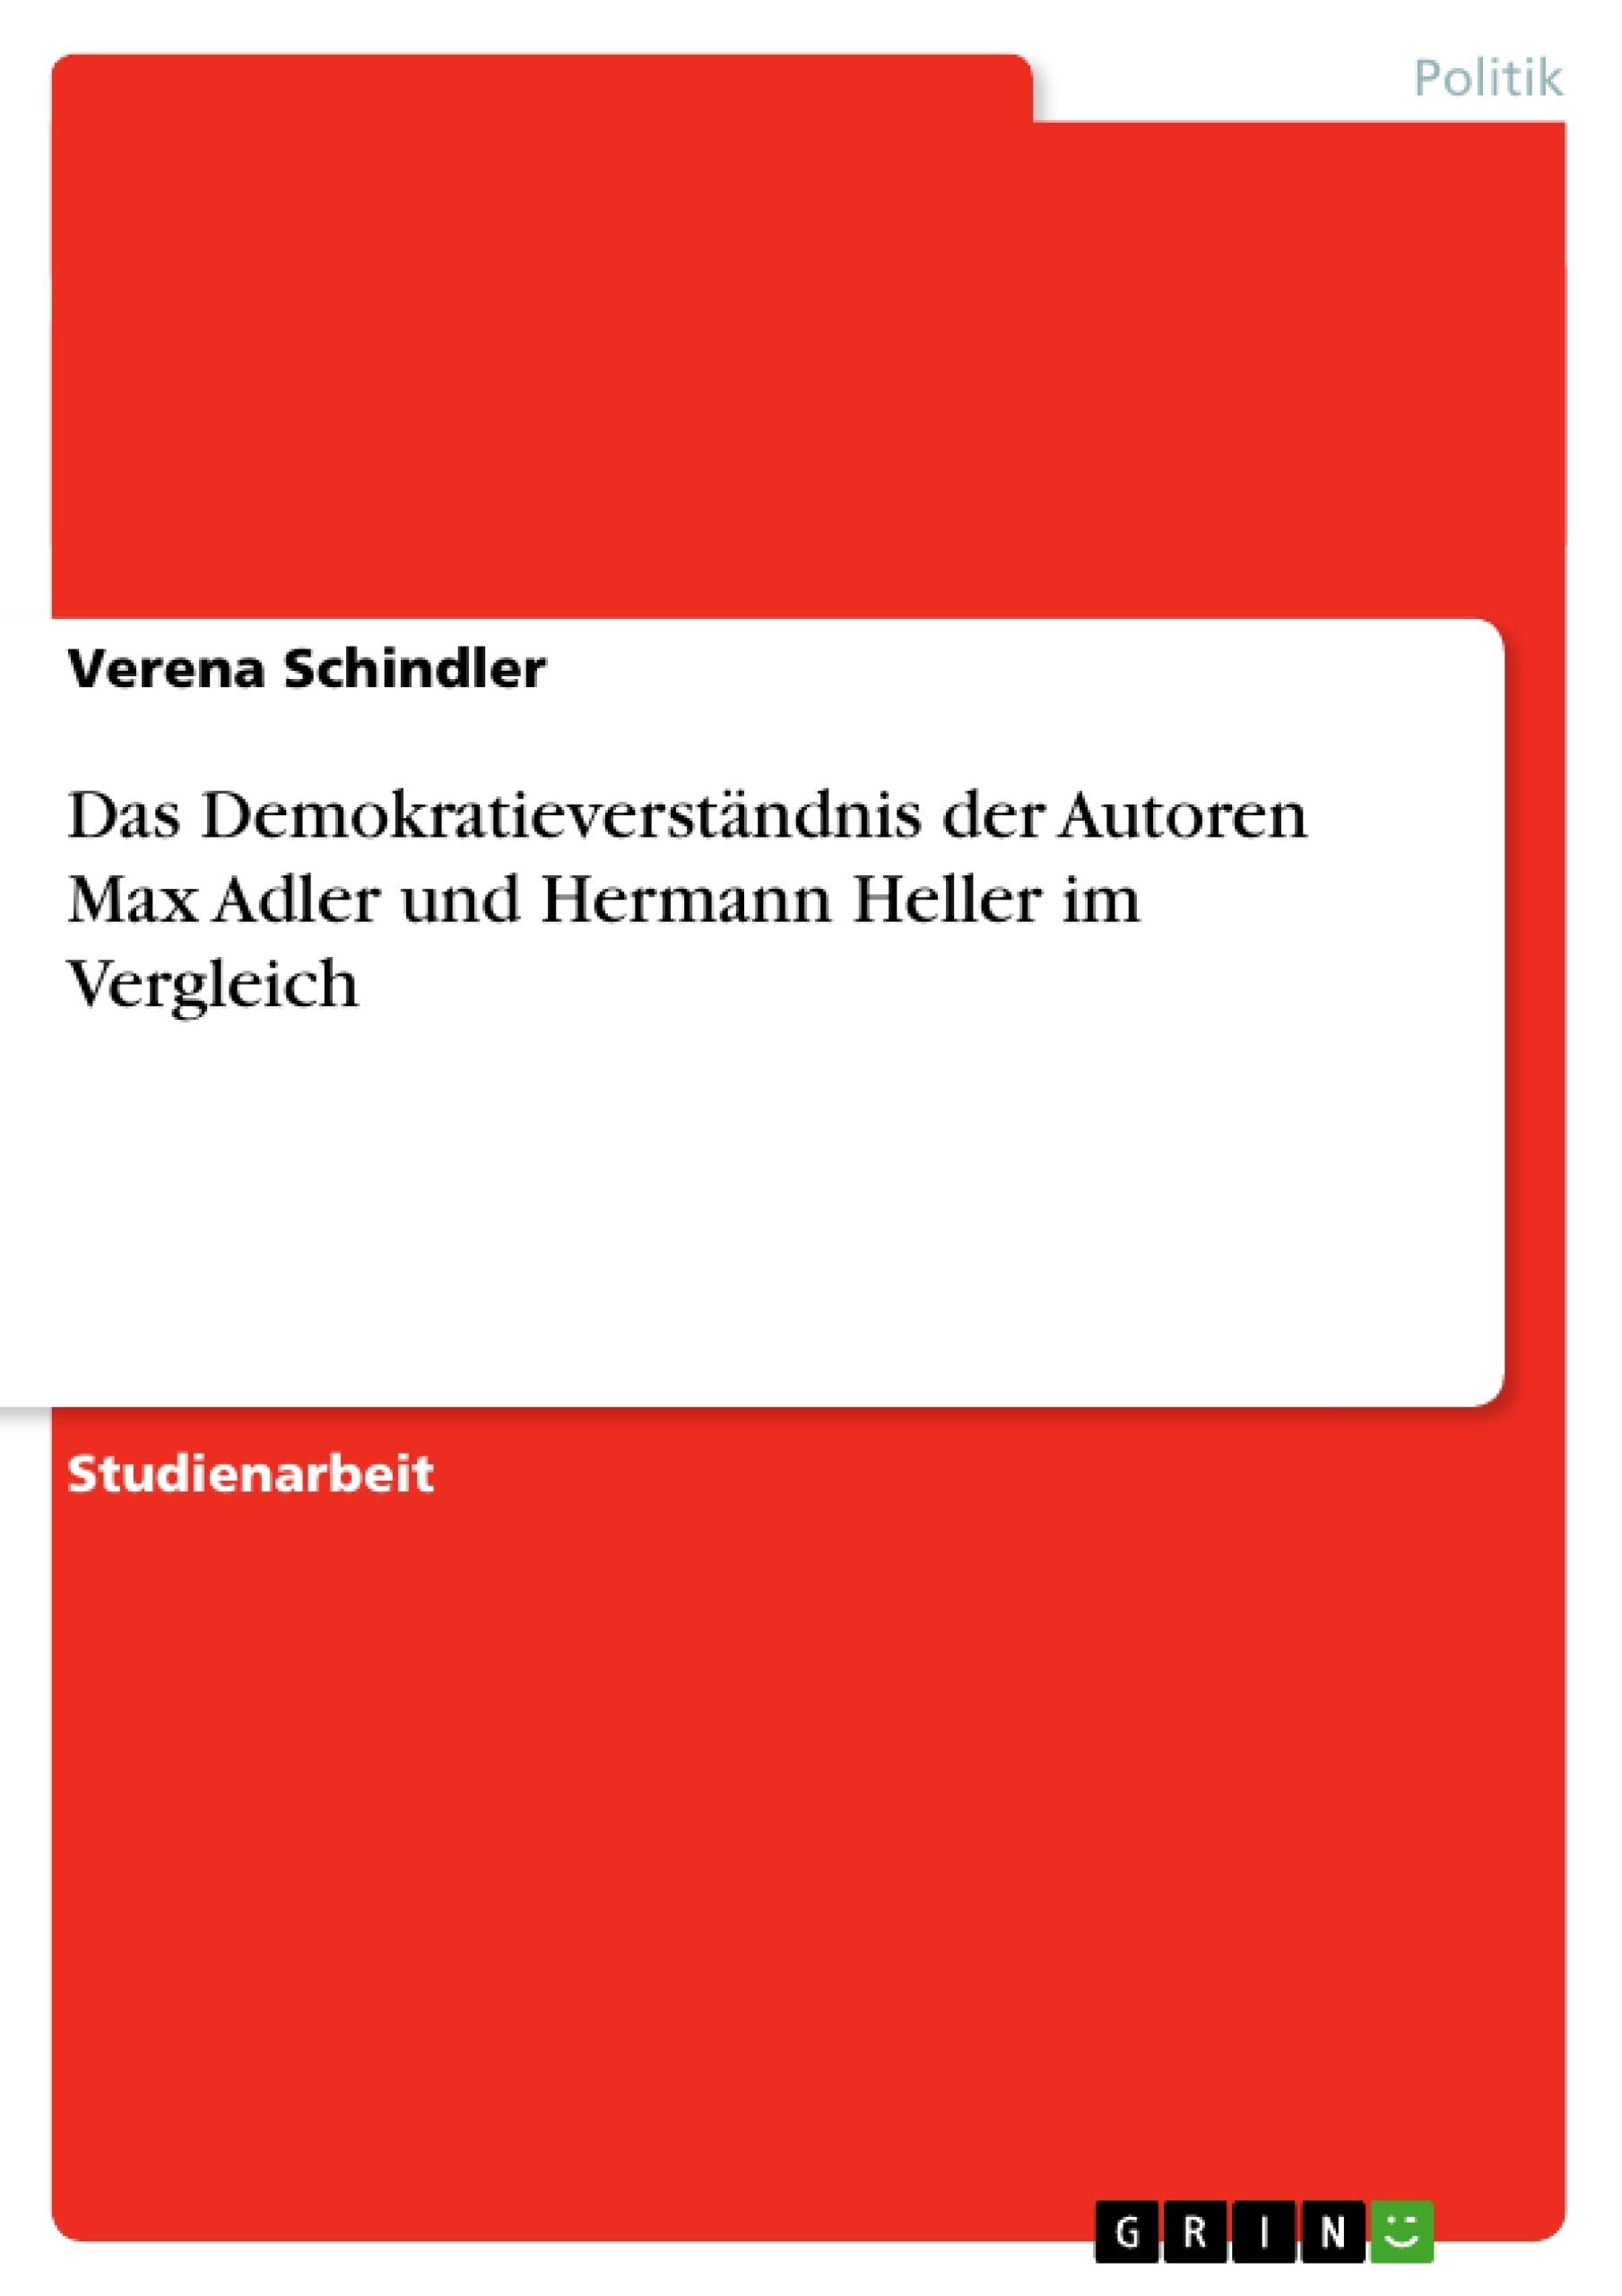 Titel: Das Demokratieverständnis der Autoren Max Adler und Hermann Heller im Vergleich